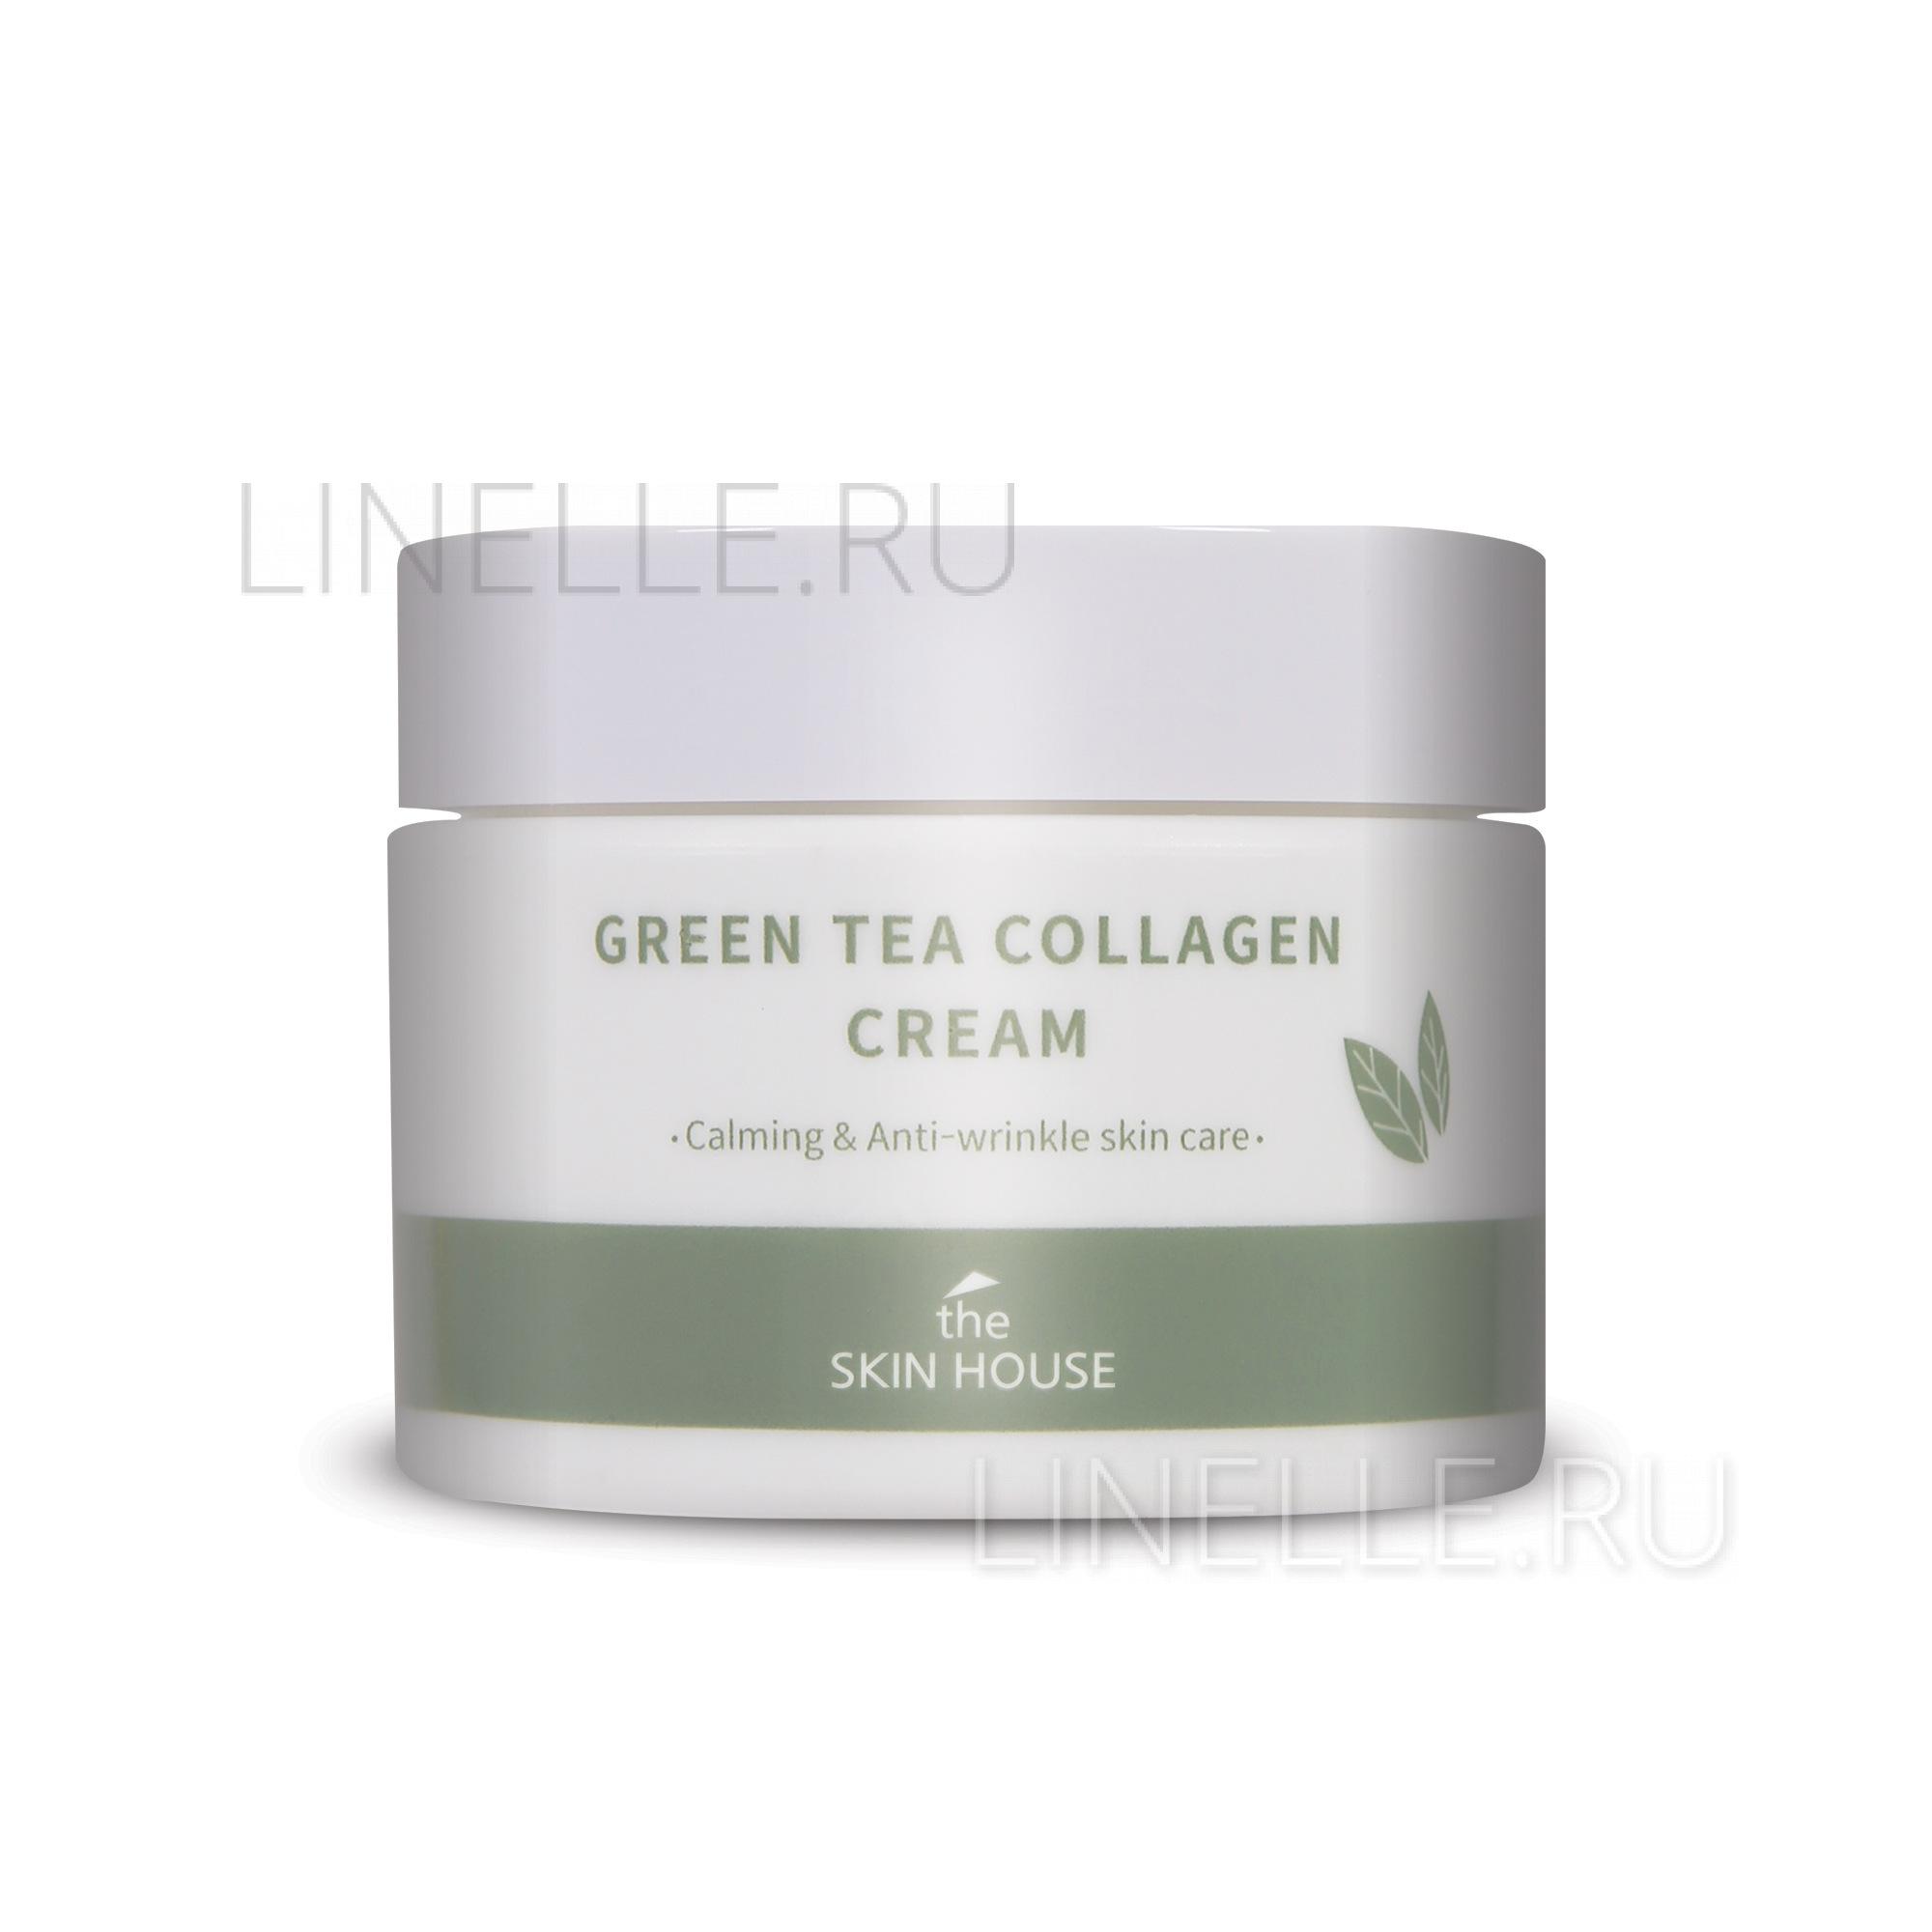 Green tea collagen cream [Успокаивающий крем на основе коллагена и экстракта зелёного чая]